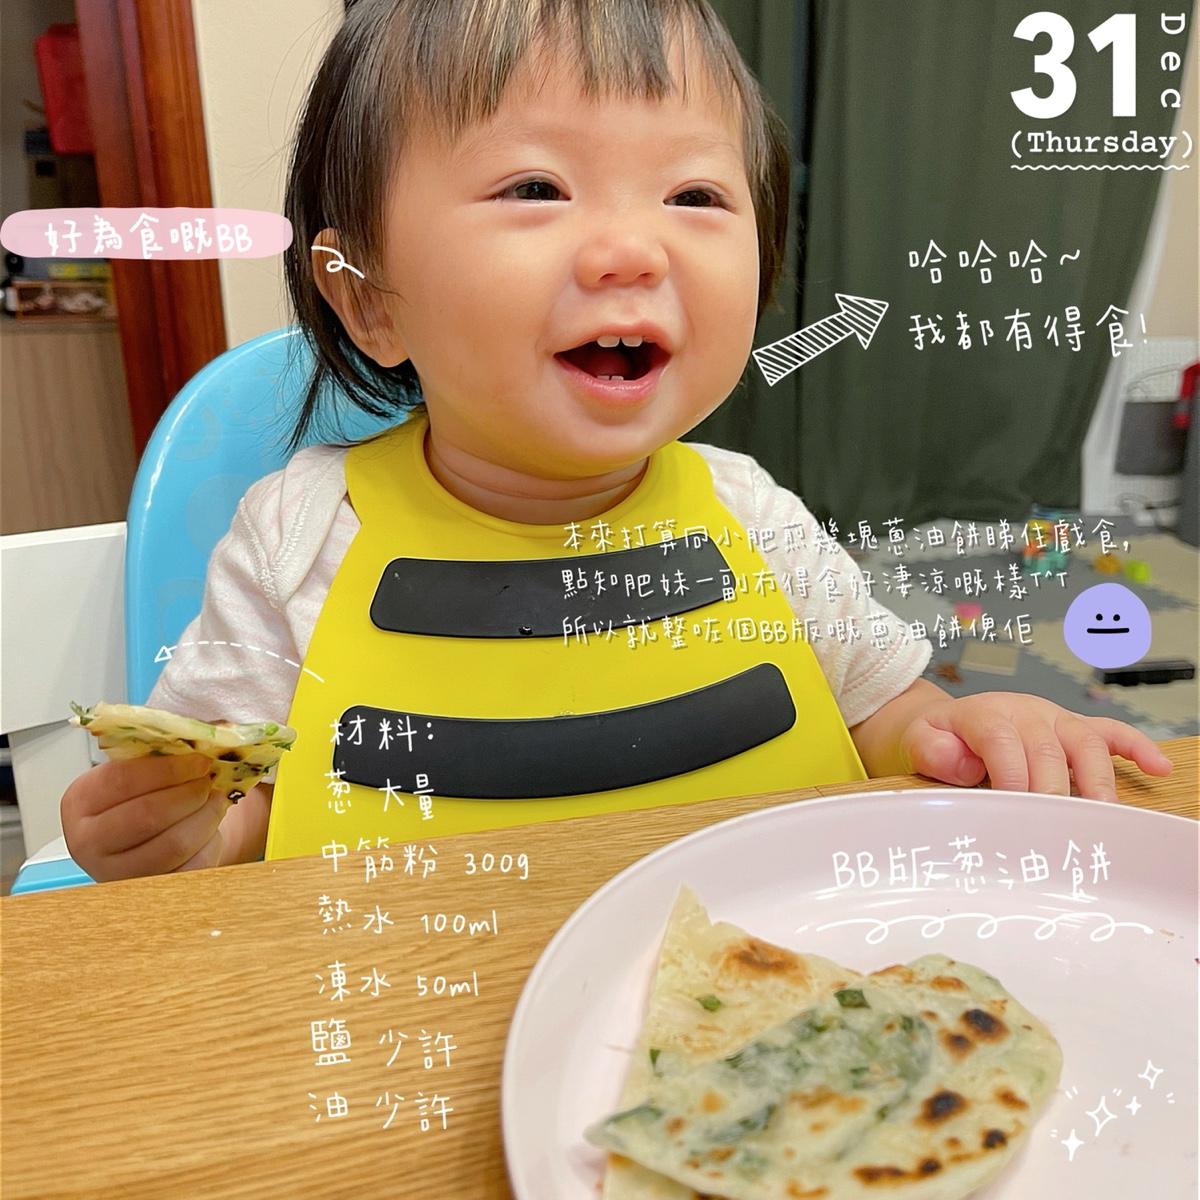 【幼兒食譜】BB版葱油餅